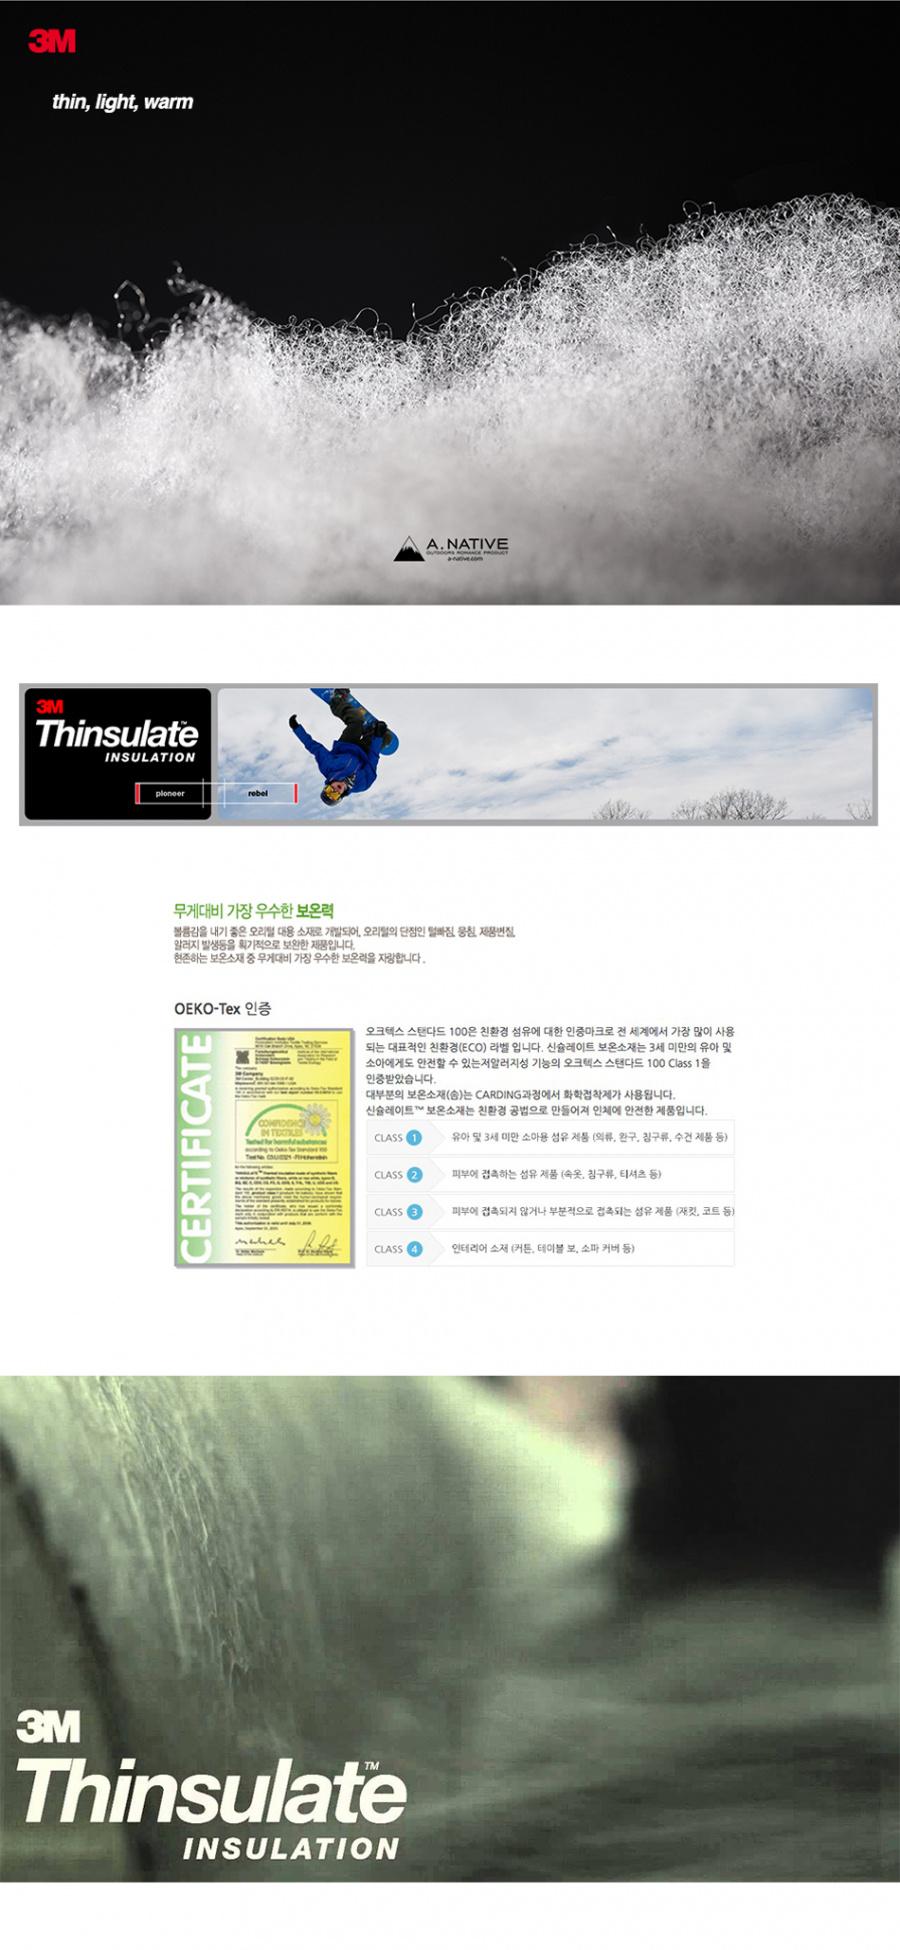 어네이티브(A.NATIVE) 플리스 집업 베스트 배색  신슐레이트 조끼 (블랙)